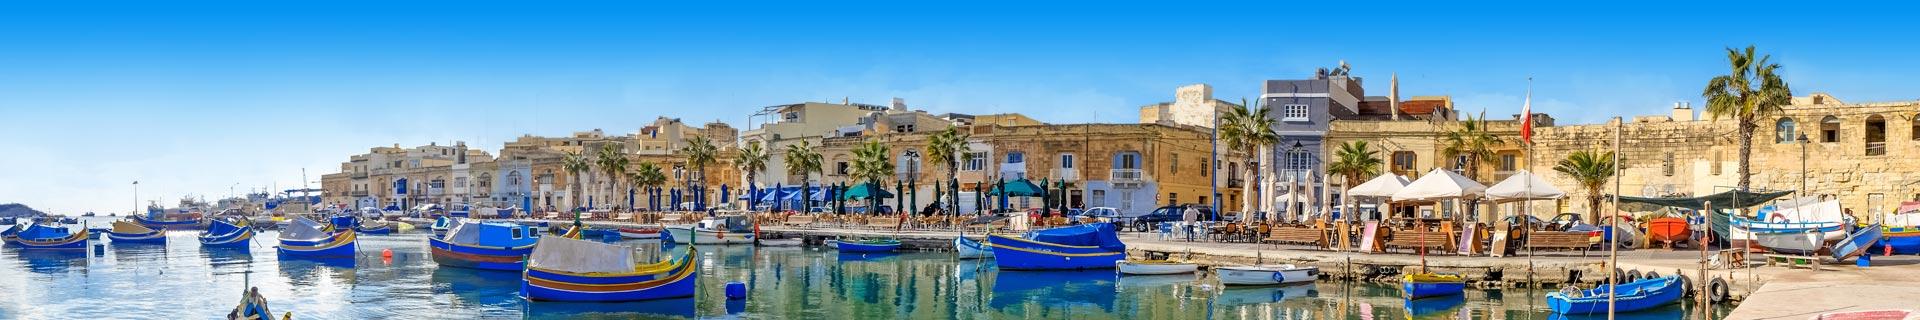 Uitzicht op schattige bootjes in de haven van Malta